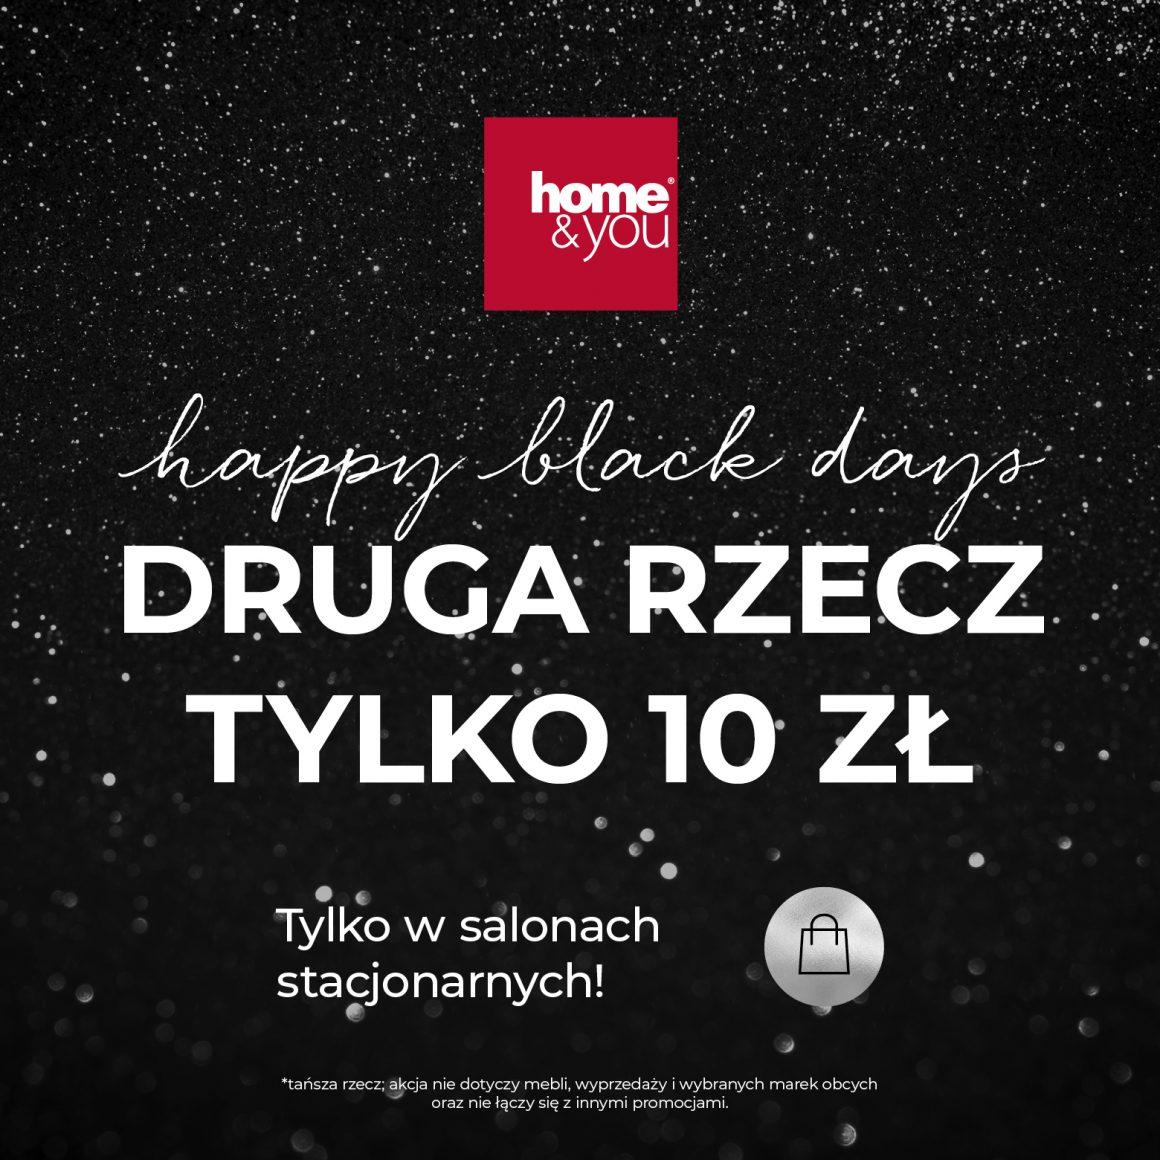 DRUGA RZECZ 10 zł W HOME AND YOU